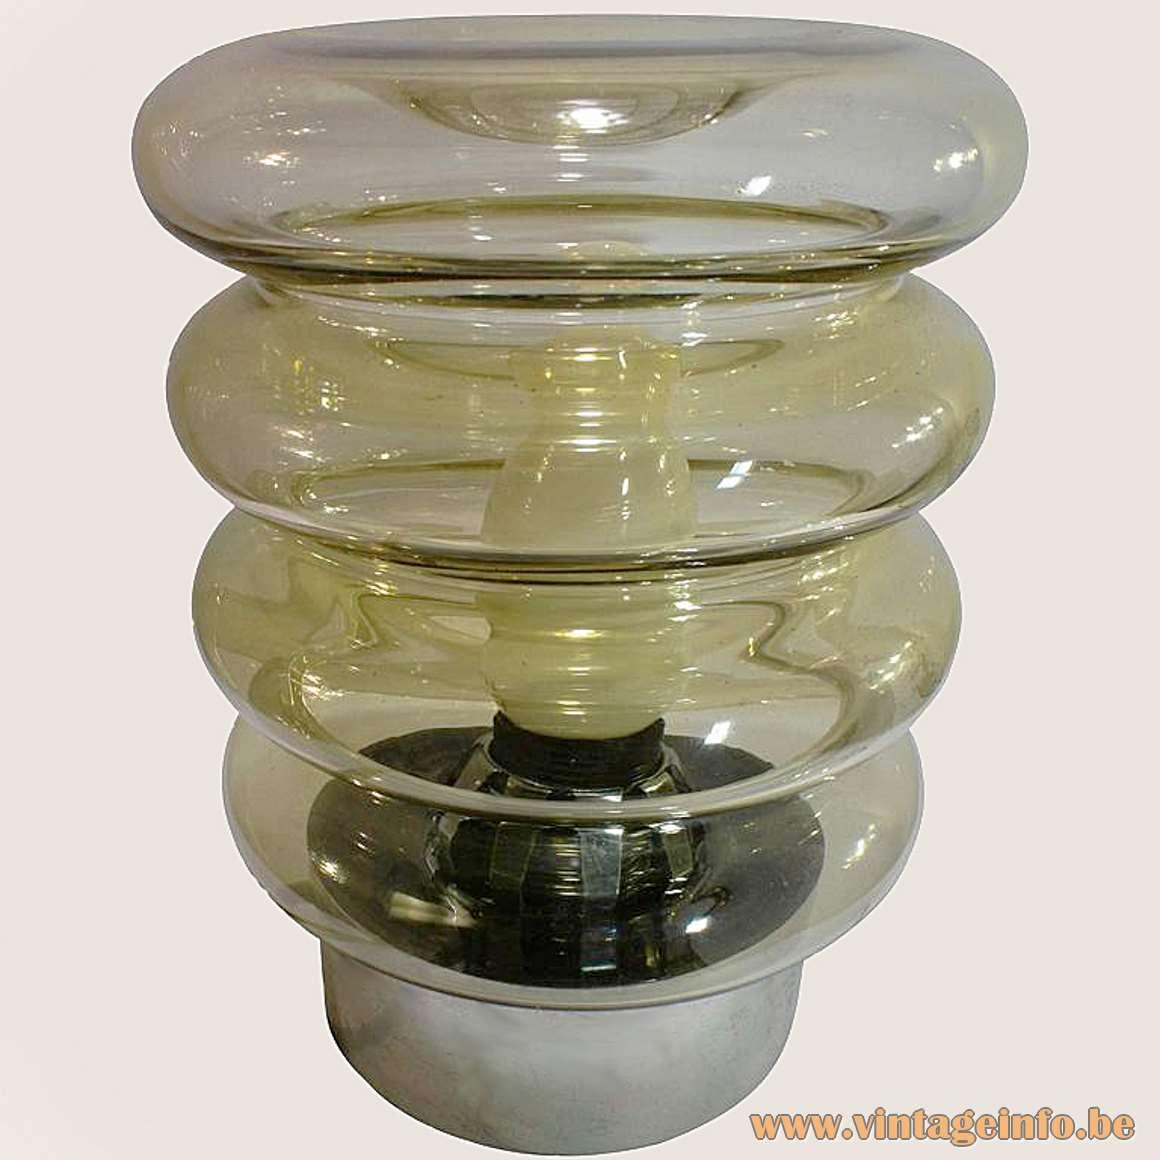 Smoked Glass Table Lamp - big version